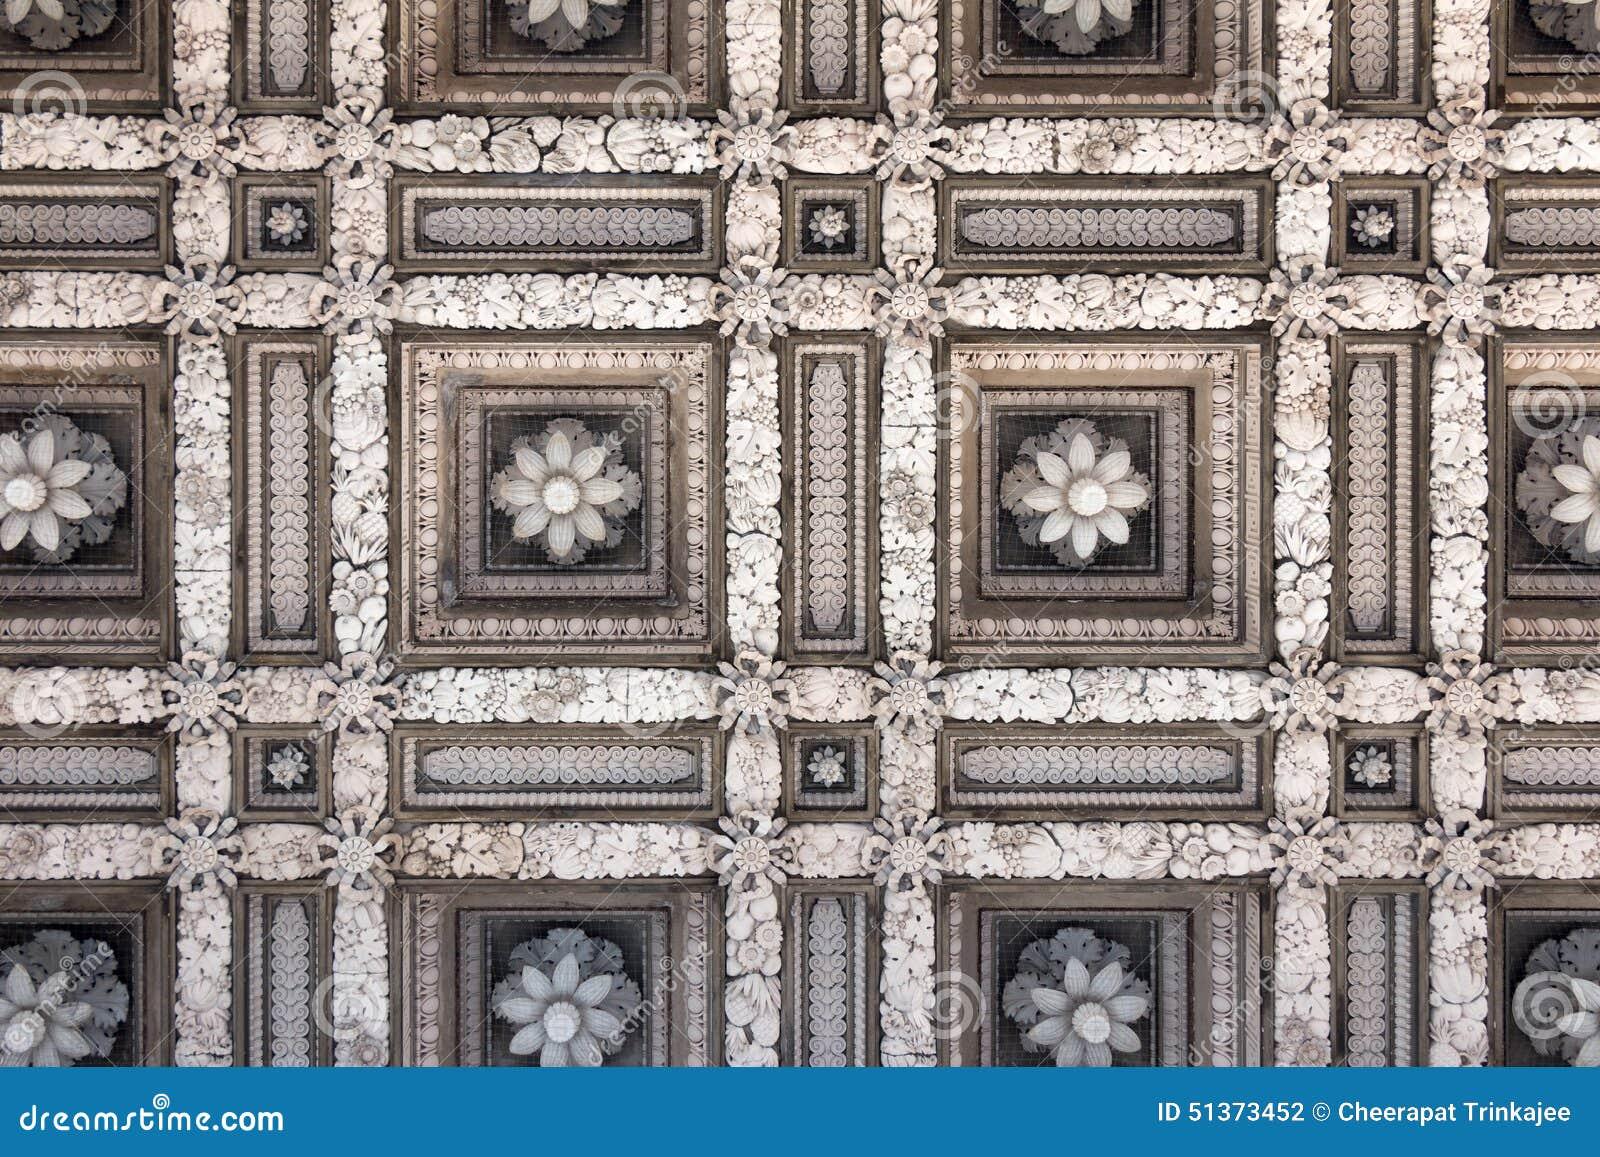 Merveilleux Plafond De Marbre Archaïque De Fleur